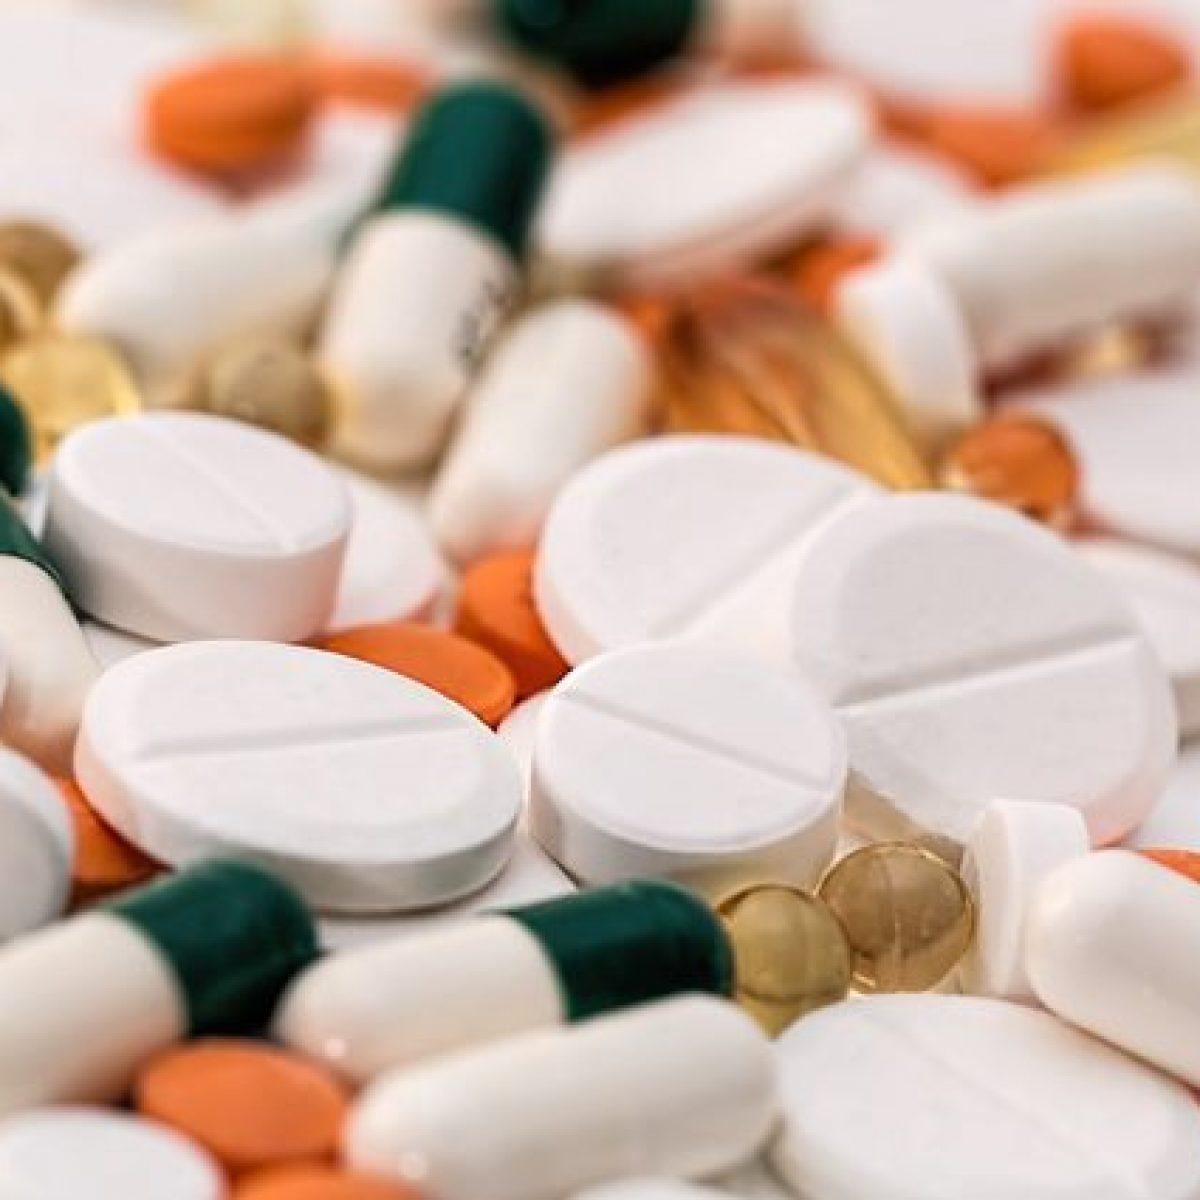 disfunzione erettile e drogato